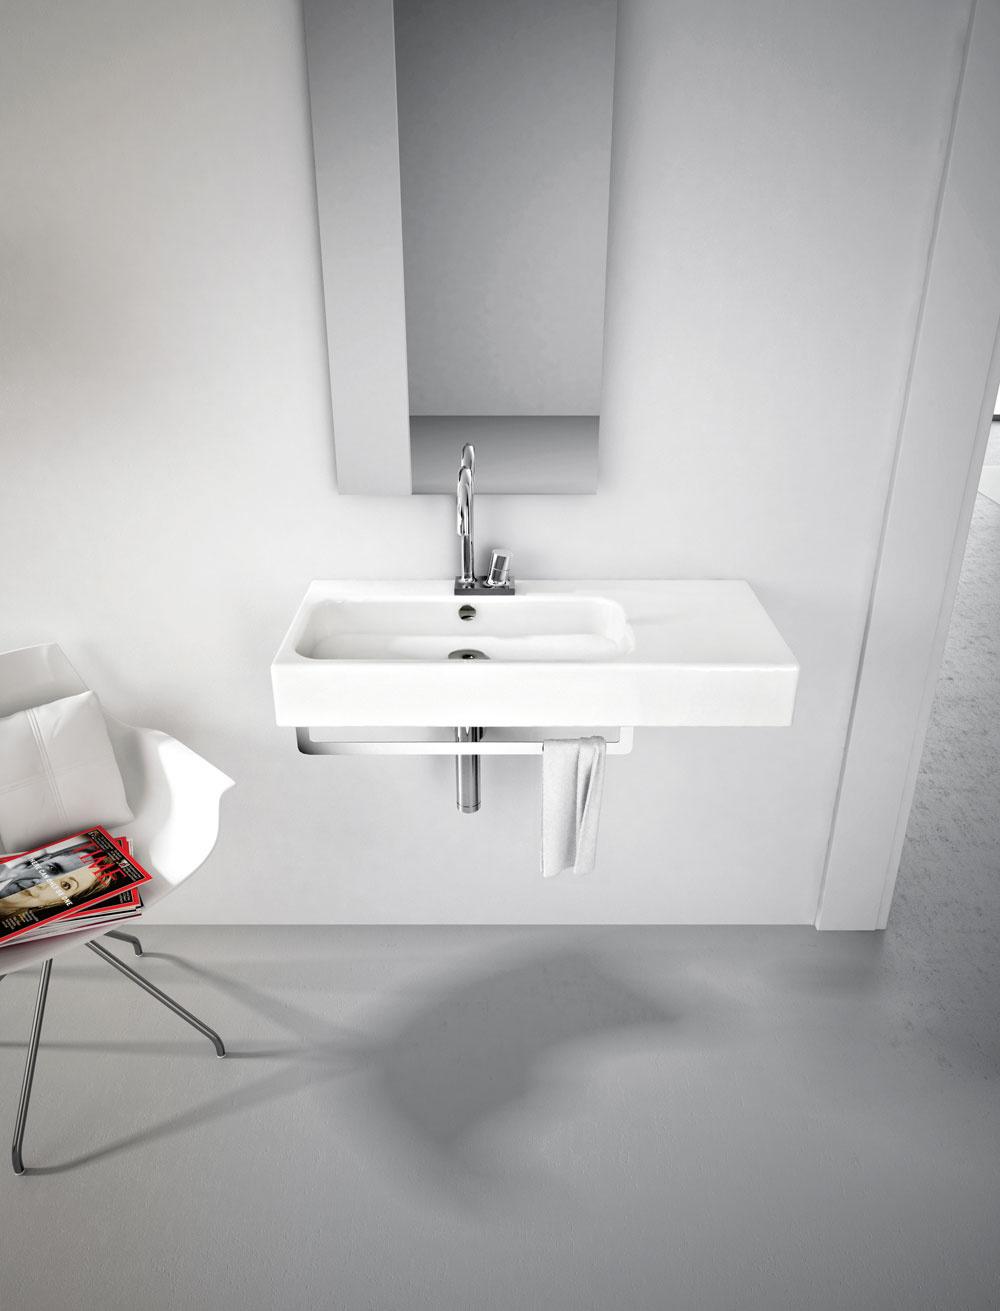 Závesné umývadlo Block 65 od firmy the.artceram. Rozmery: 65 × 41 cm. Cena 300 €, cena držiaka 96 €. Predáva PolySystem.